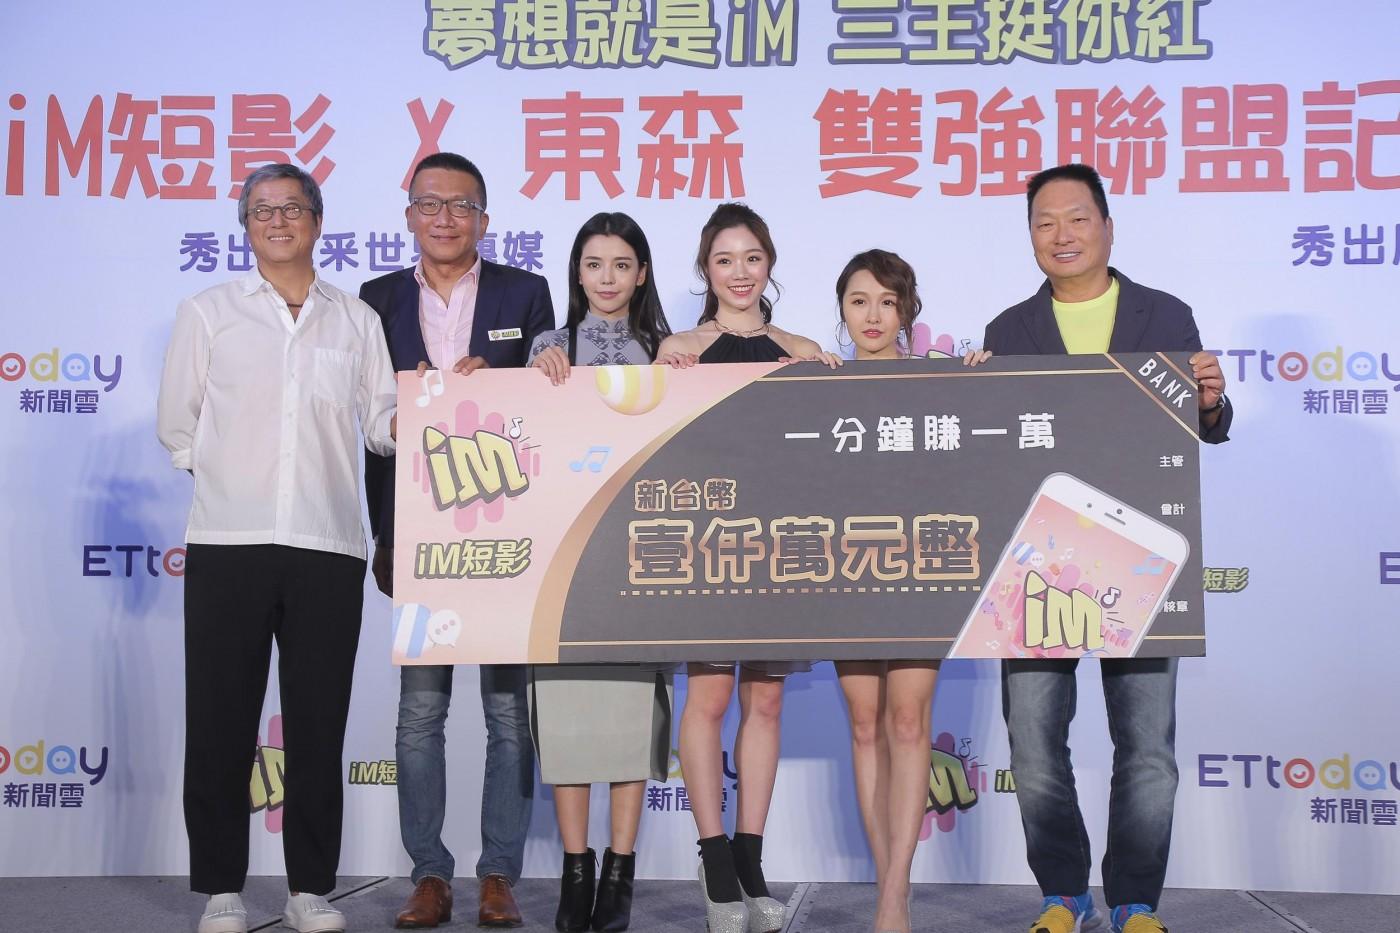 要成為台灣的抖音!東森王令麟攜手iM短影進攻台灣市場